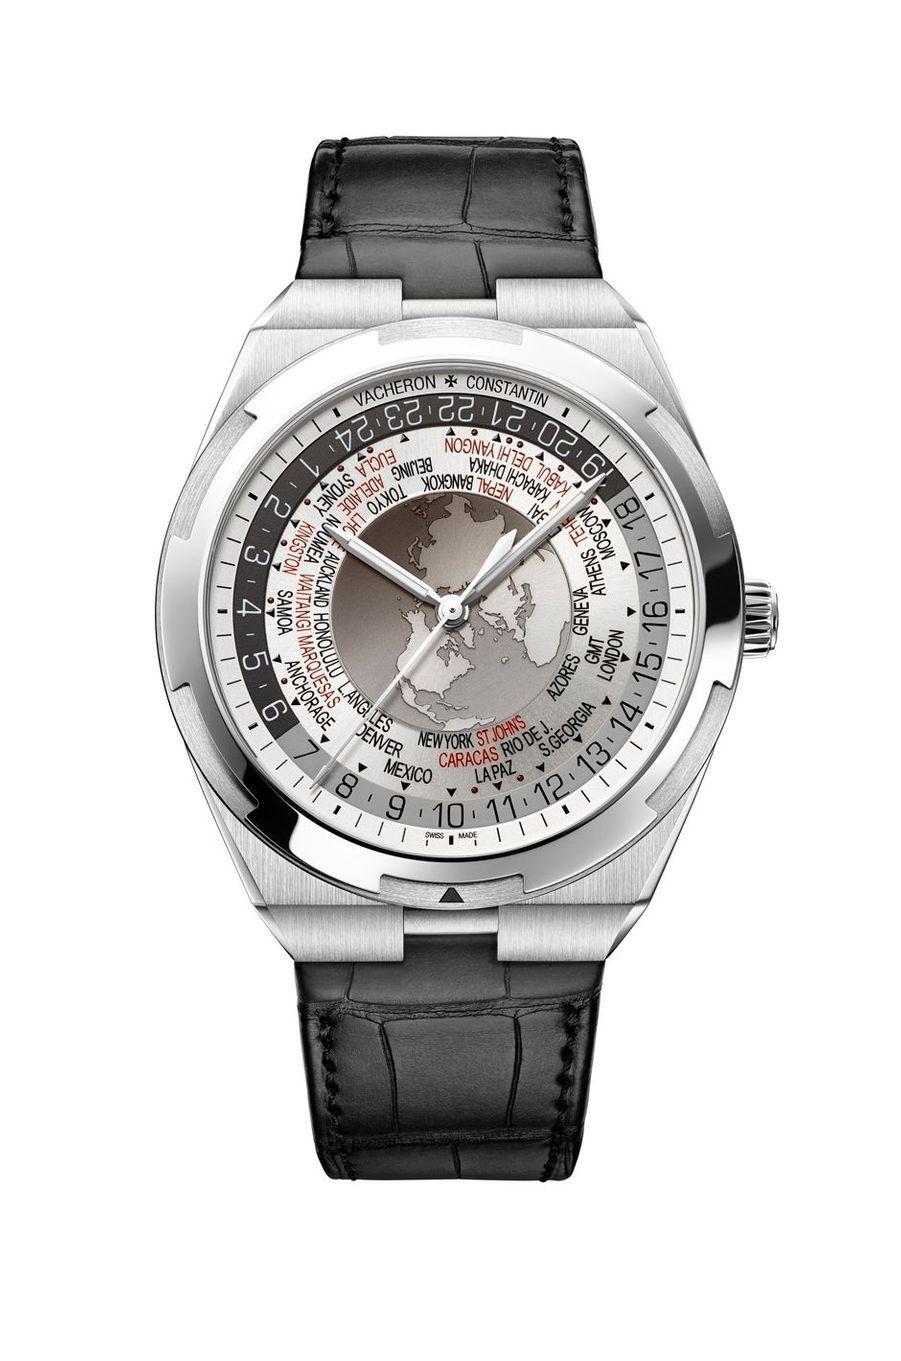 Overseas Heures du Monde en acier, mouvement automatique, bracelet en alligator, 39 900 €. Vacheron Constantin.